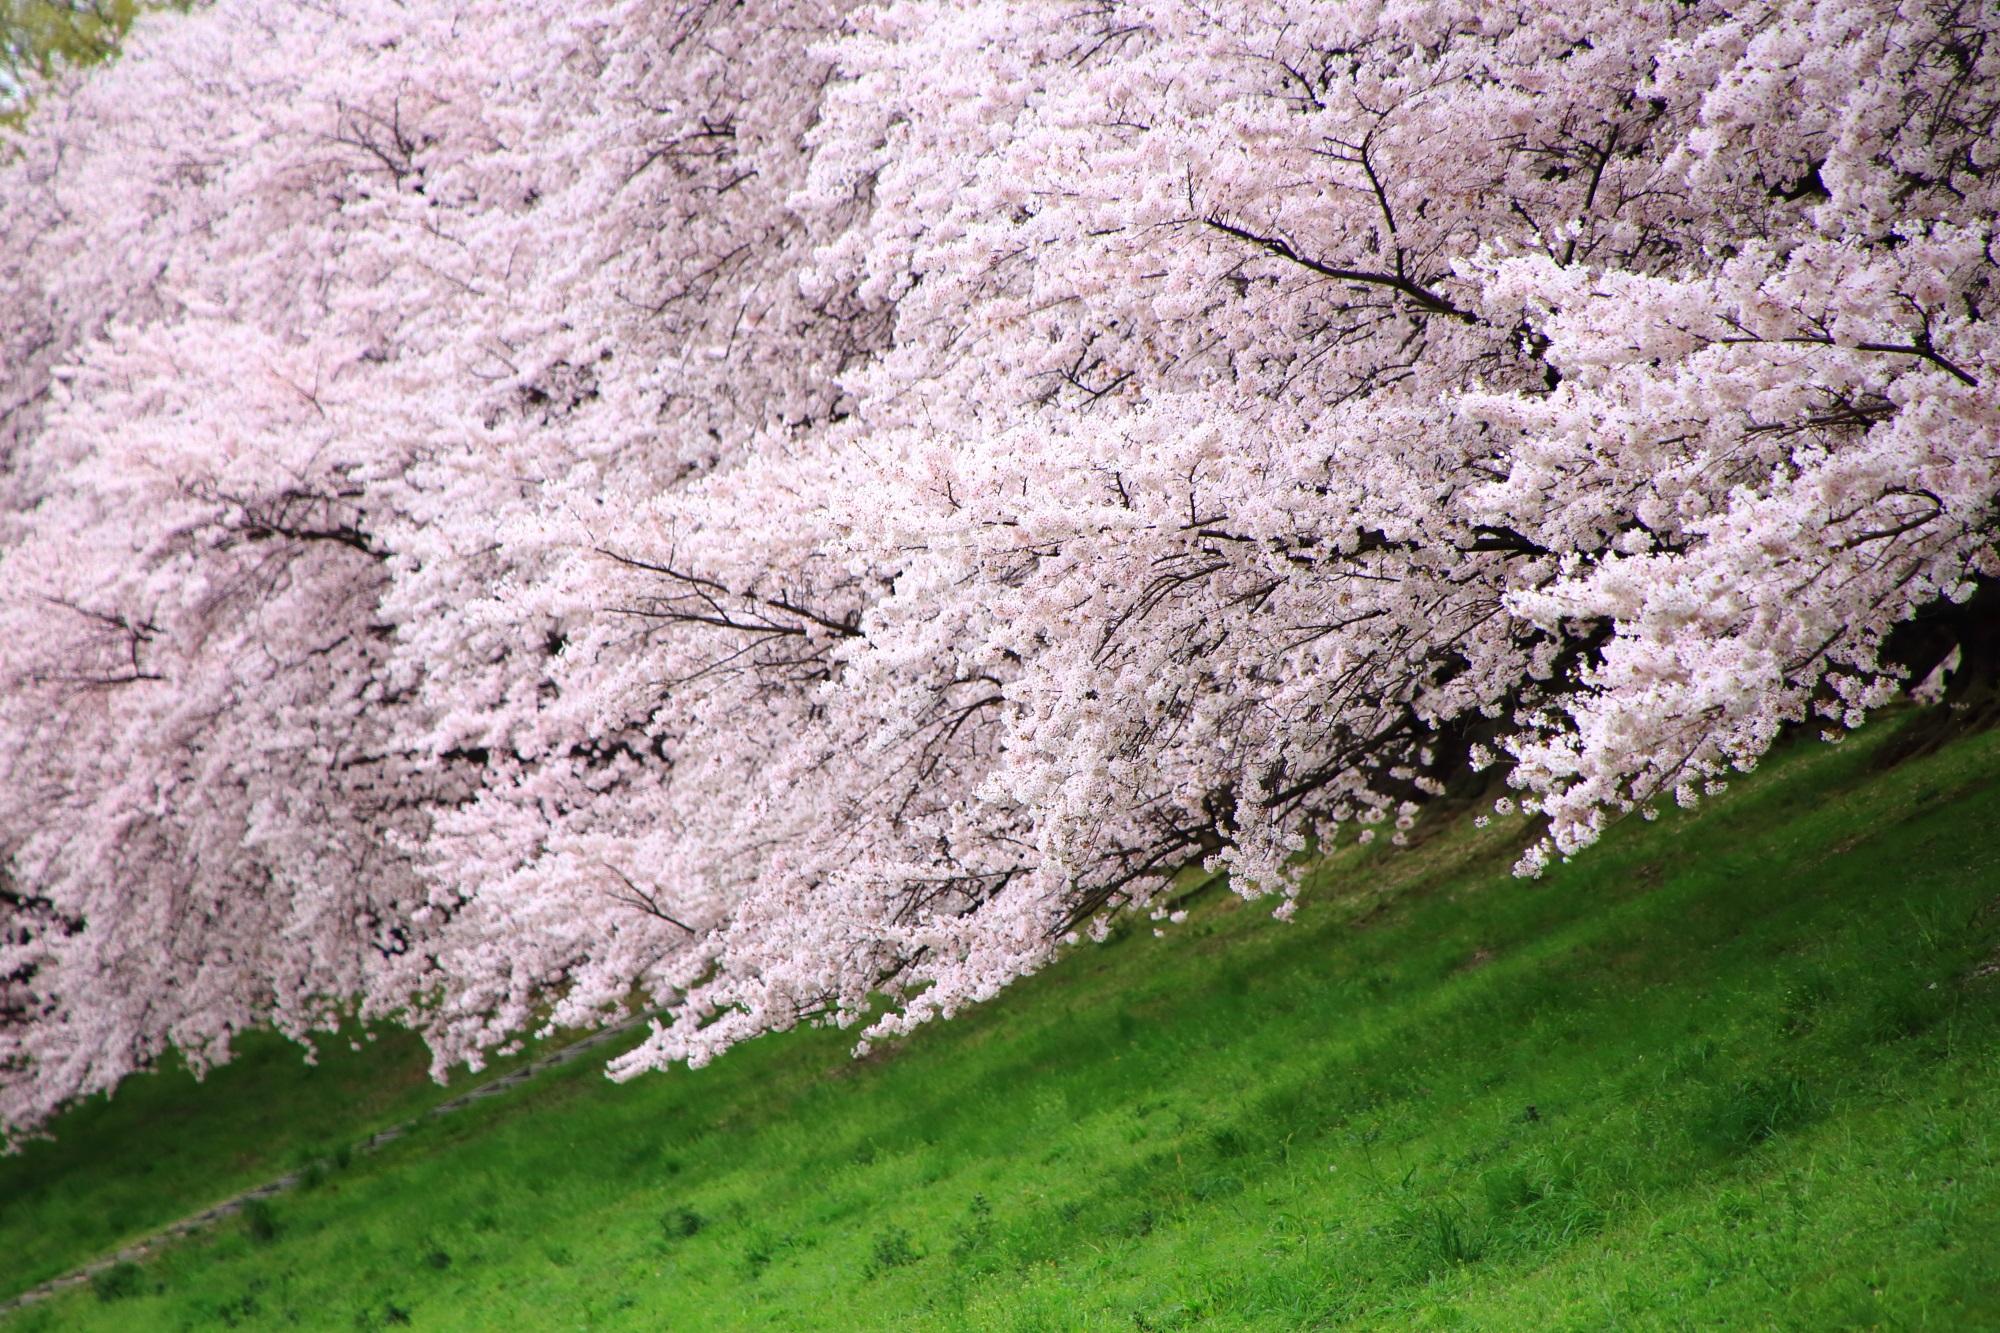 緑の芝生の上で遠慮なく咲き乱れる桜